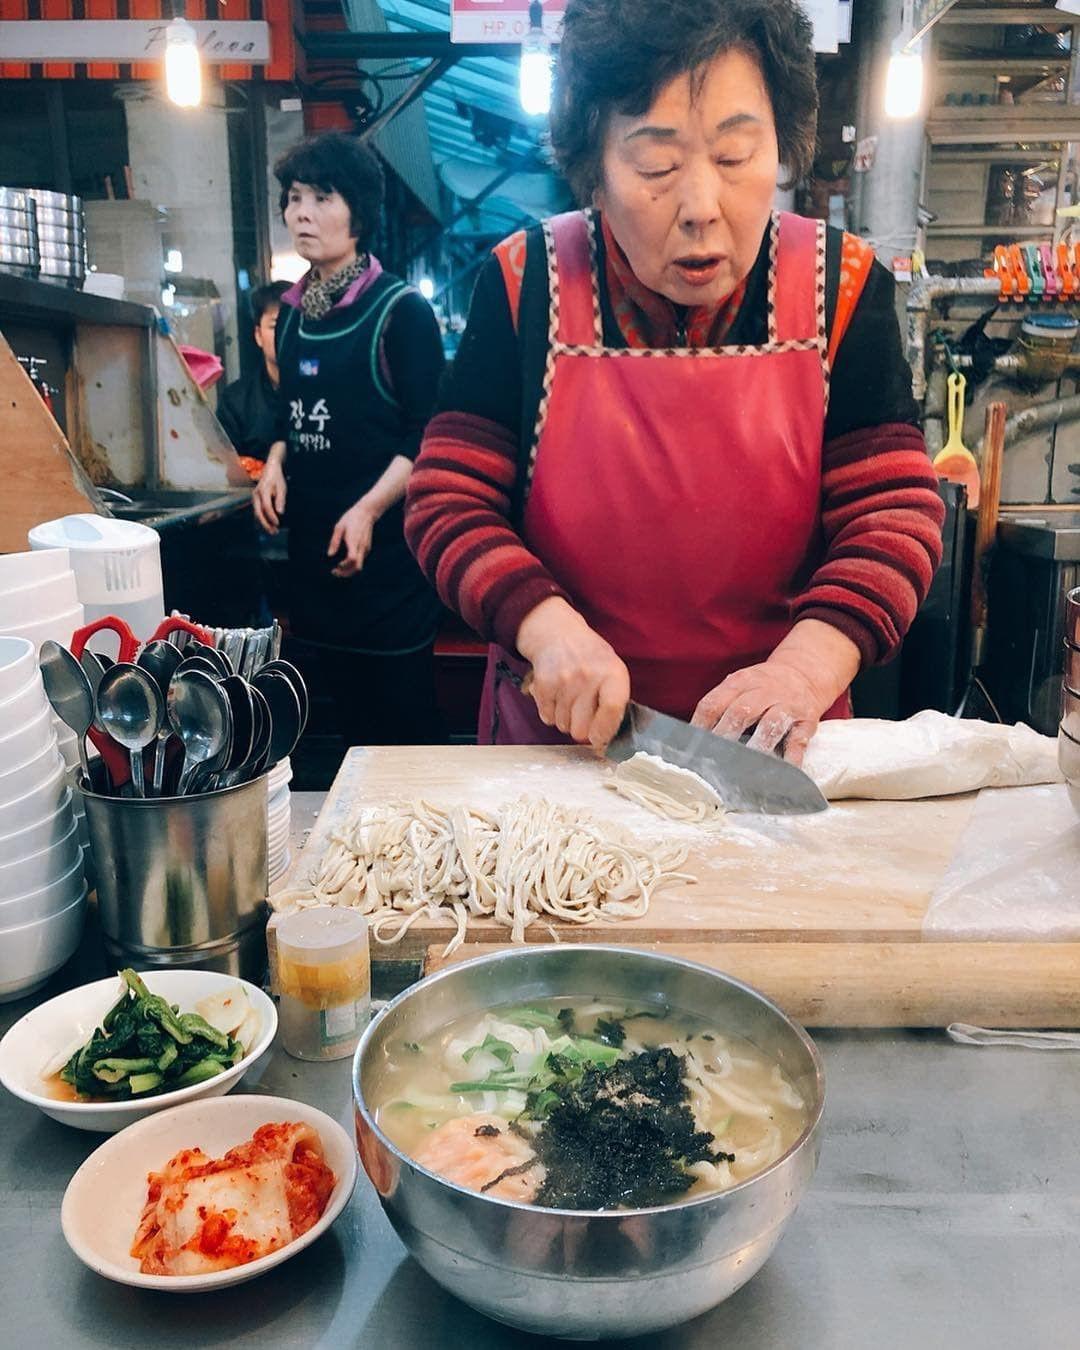 Không thể cưỡng lại sức hấp dẫn của 7 khu phố ẩm thực nổi tiếng nhất Seoul, Hàn Quốc - Ảnh 9.